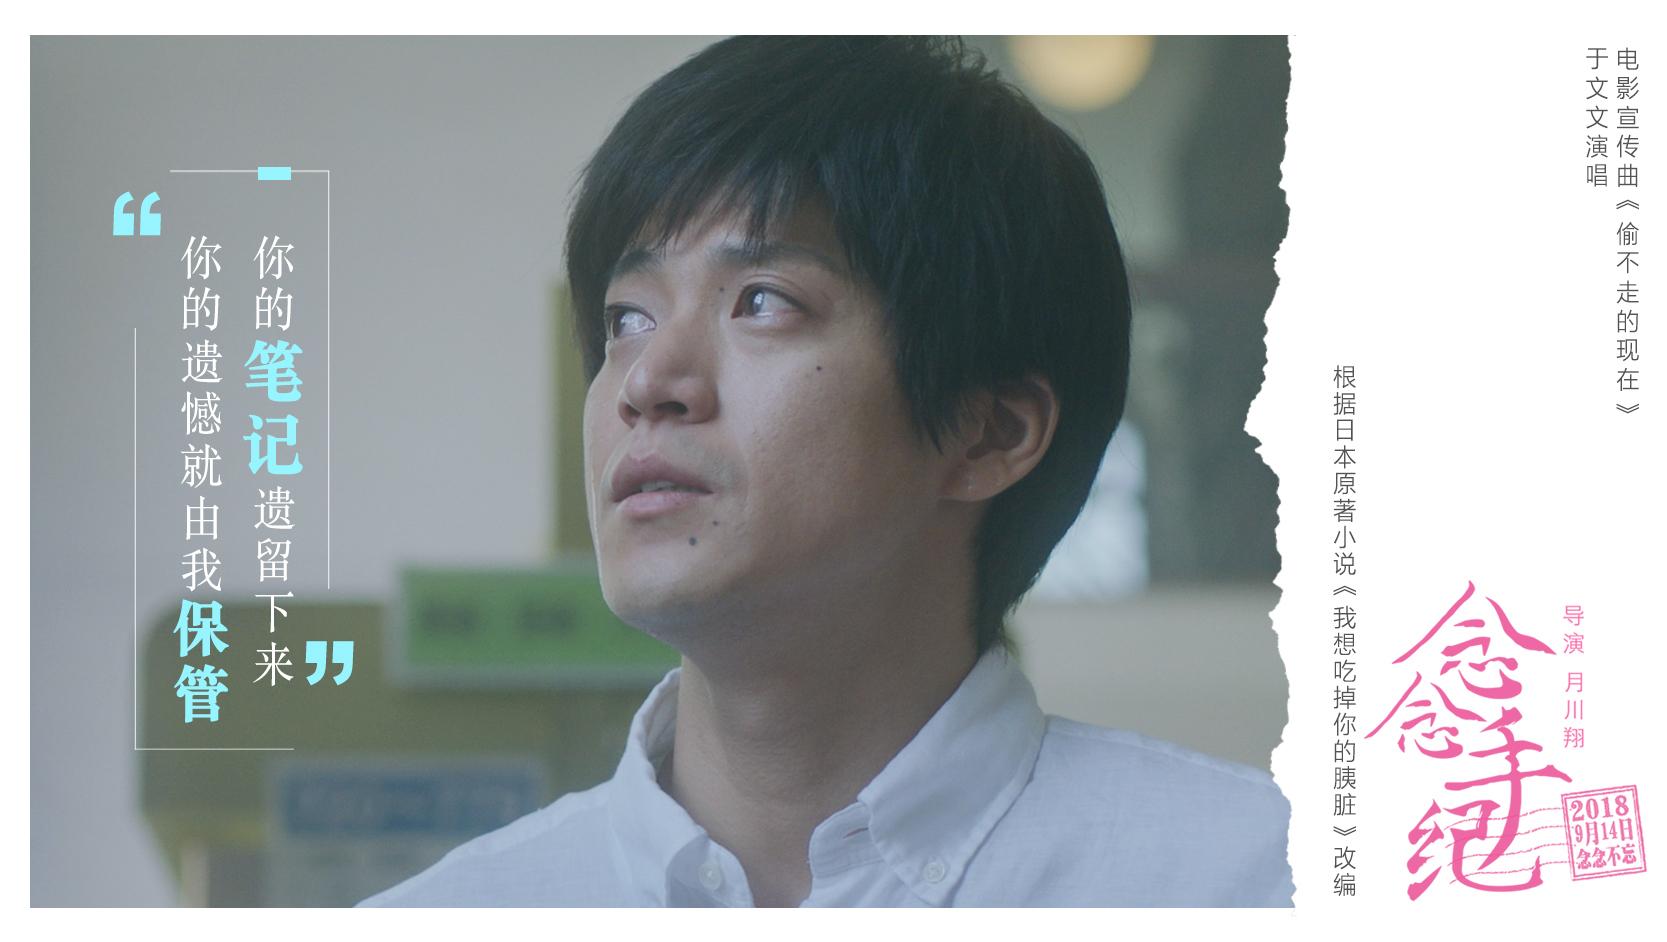 《念念手纪》发宣传曲MV 于文文诠释纯爱虐恋